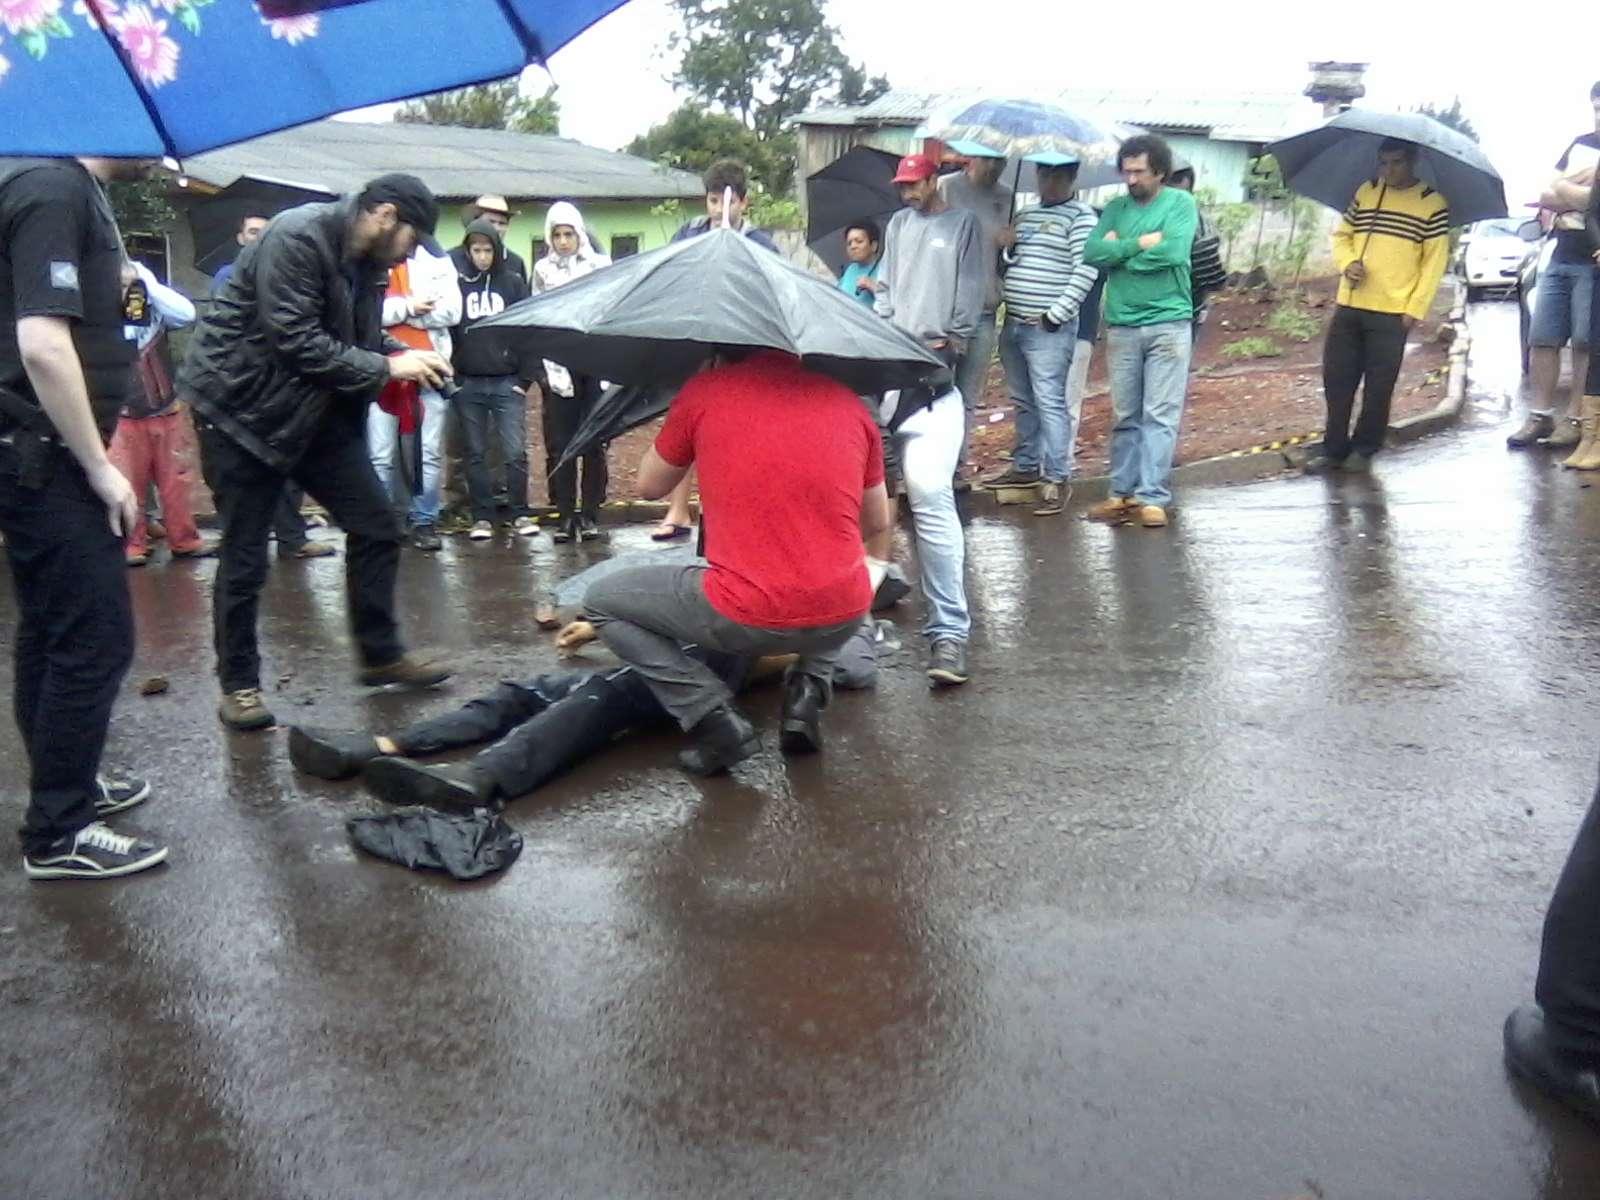 Polícia faz perícia em corpo baleado na rua dos Girassóis, em Dois Vizinhos Foto: Eder Tecchio/vc repórter